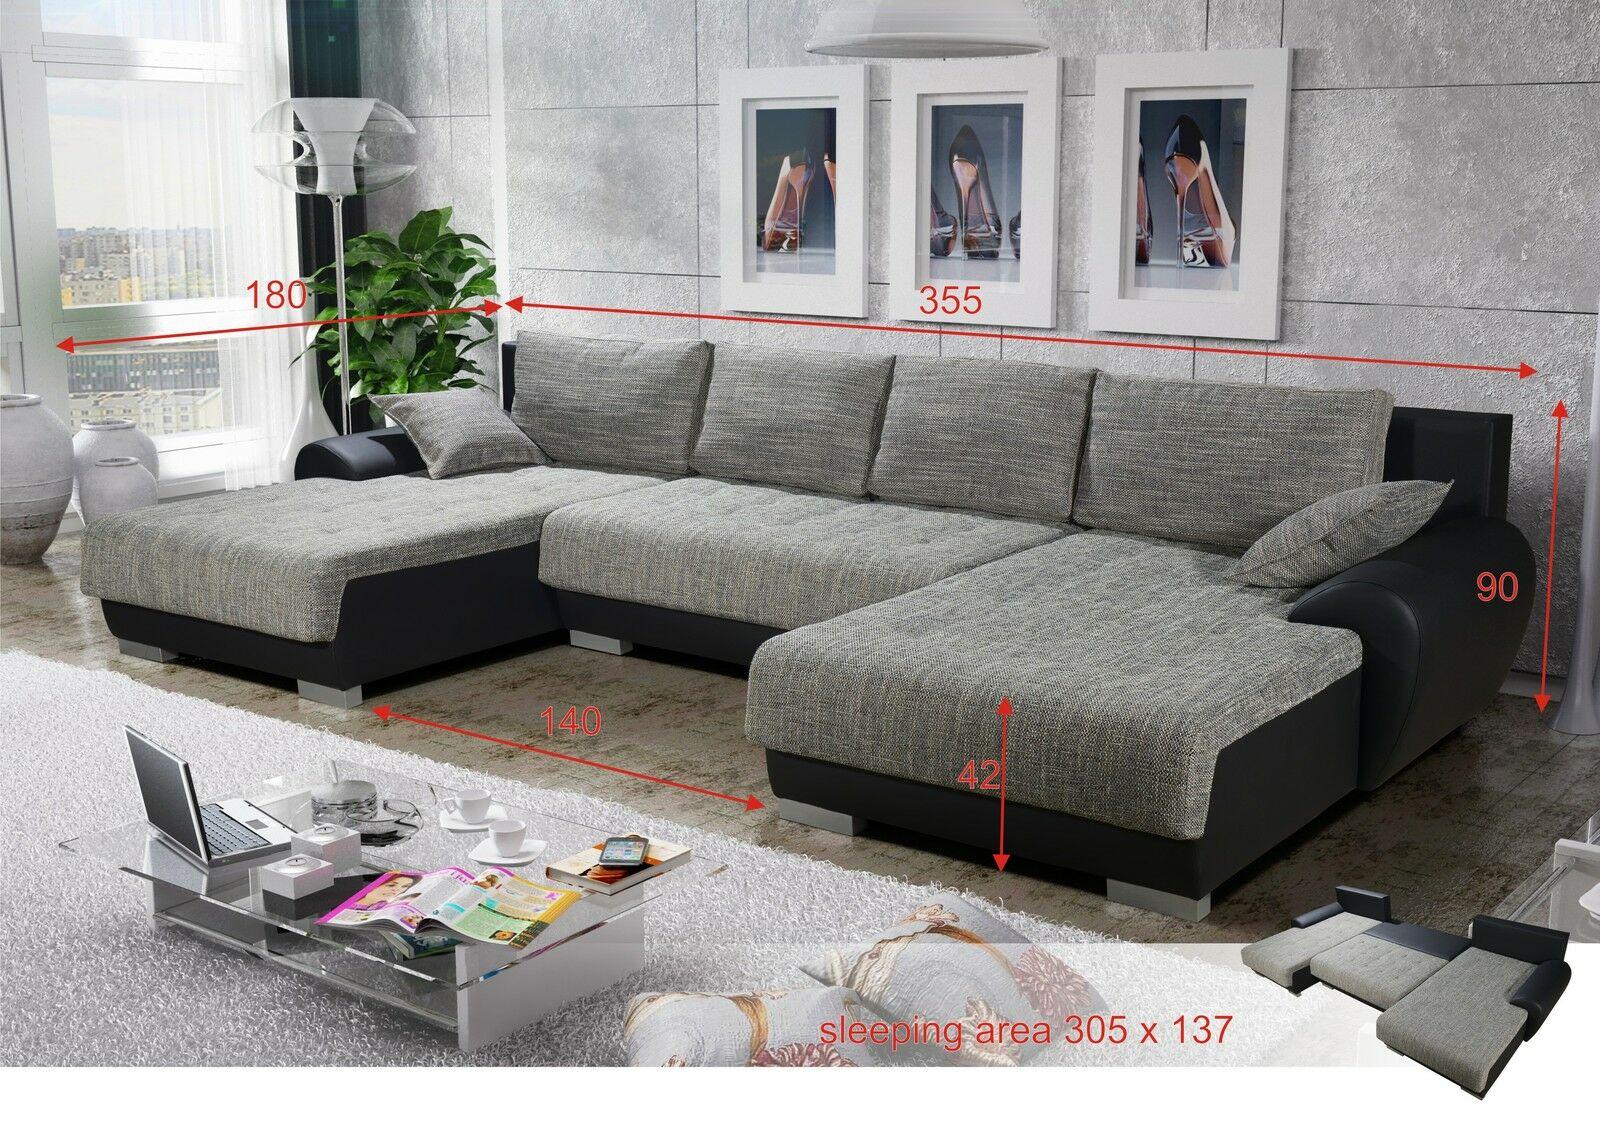 Sofa Leon 6 Couchgarnitur Couch Sofagarnitur U Wohnlandschaft